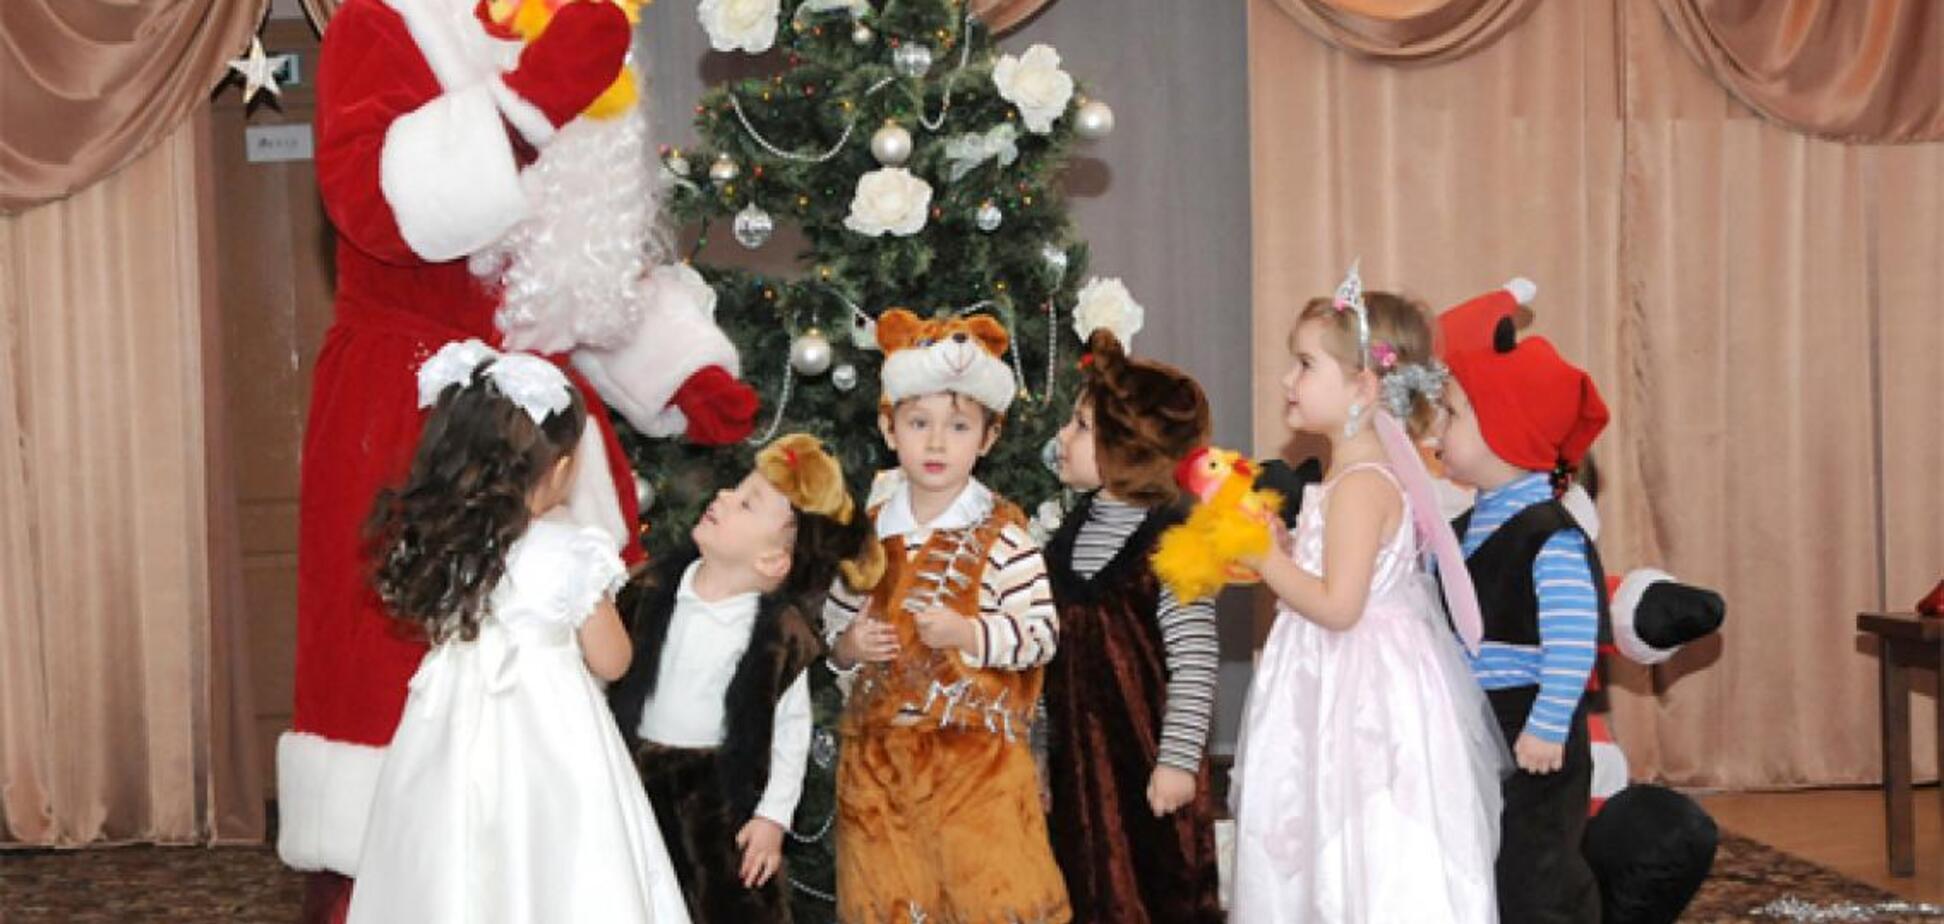 Скандал с русским Дедом Морозом в Днепре: всплыли шокирующие подробности